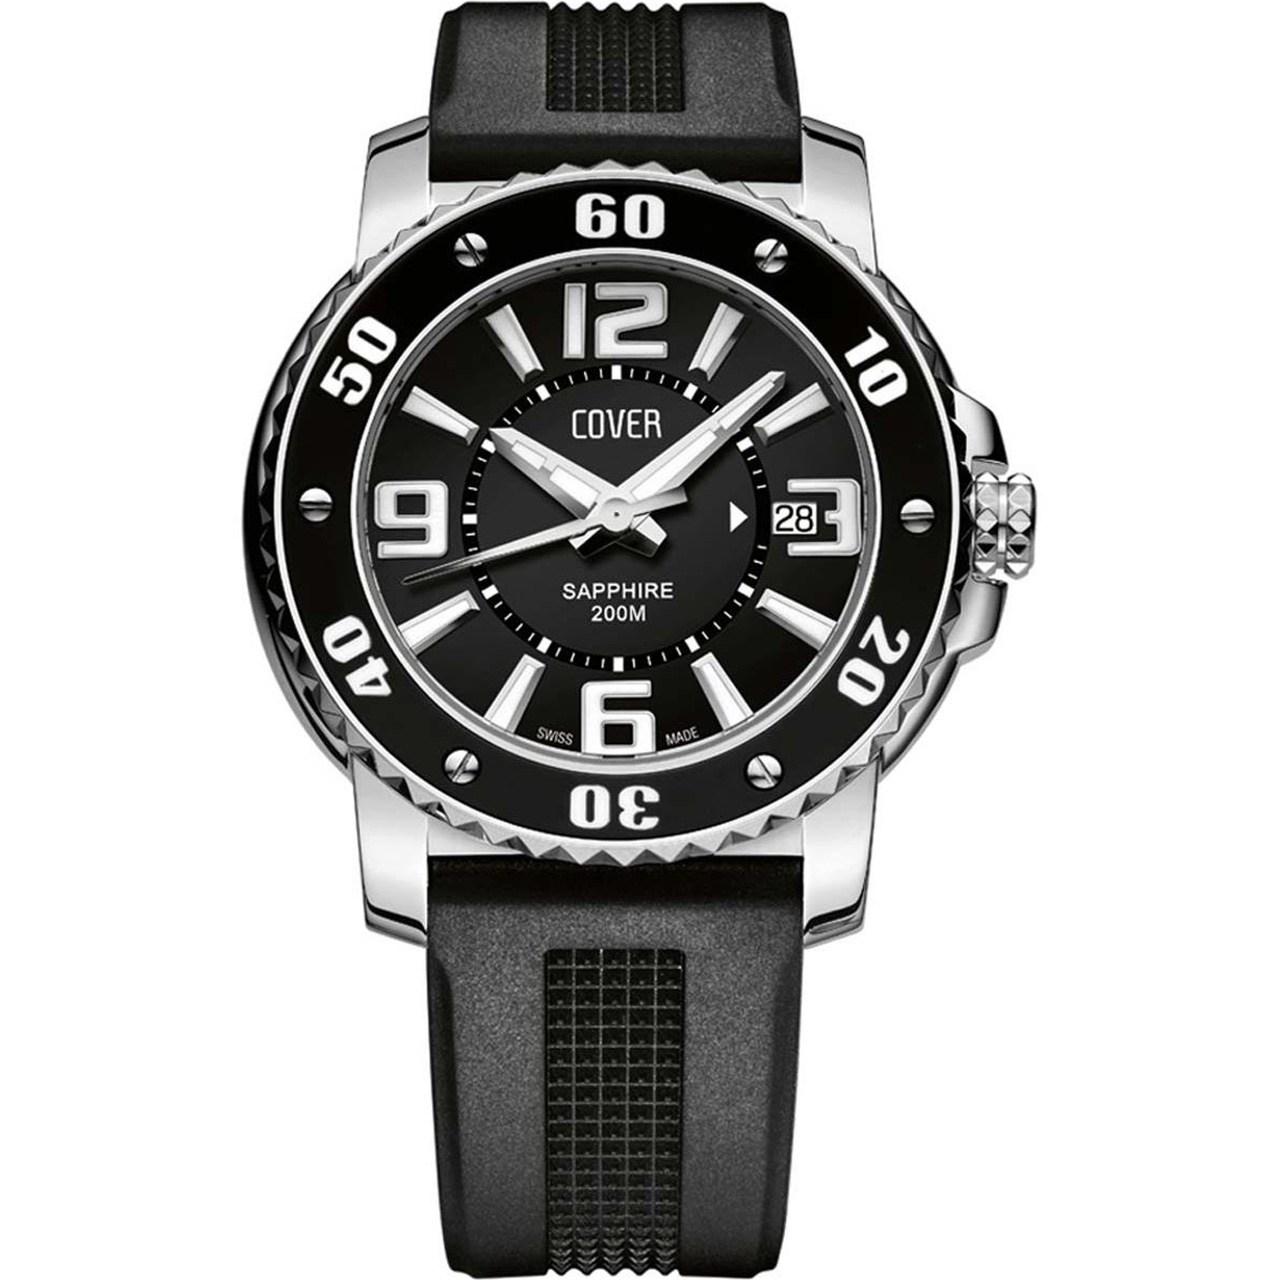 ساعت مچی عقربه ای مردانه کاور مدل Co145.03 14